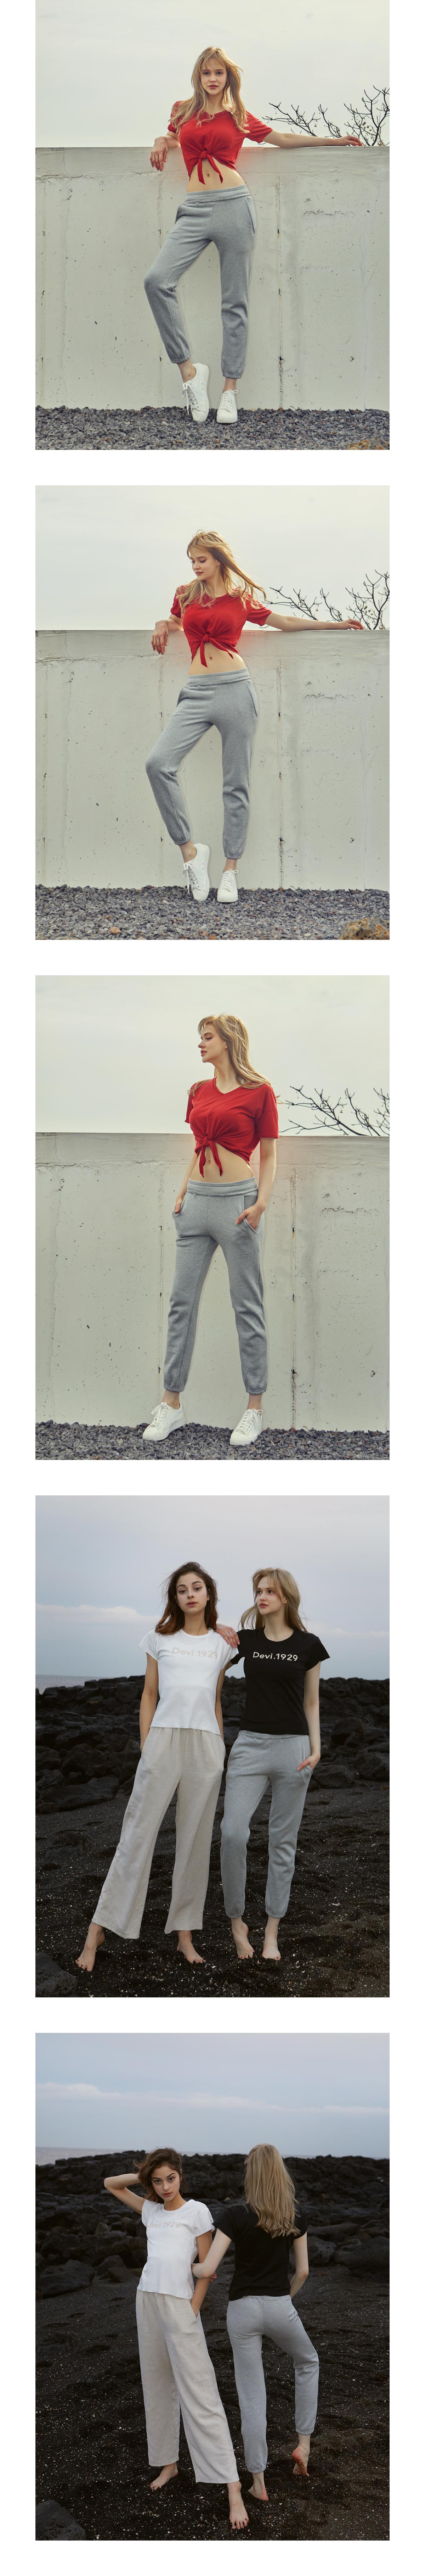 여성 요가복 DEVI-B0033-그레이 스웨트 팬츠 - 데비웨어, 22,500원, 하의, 레깅스